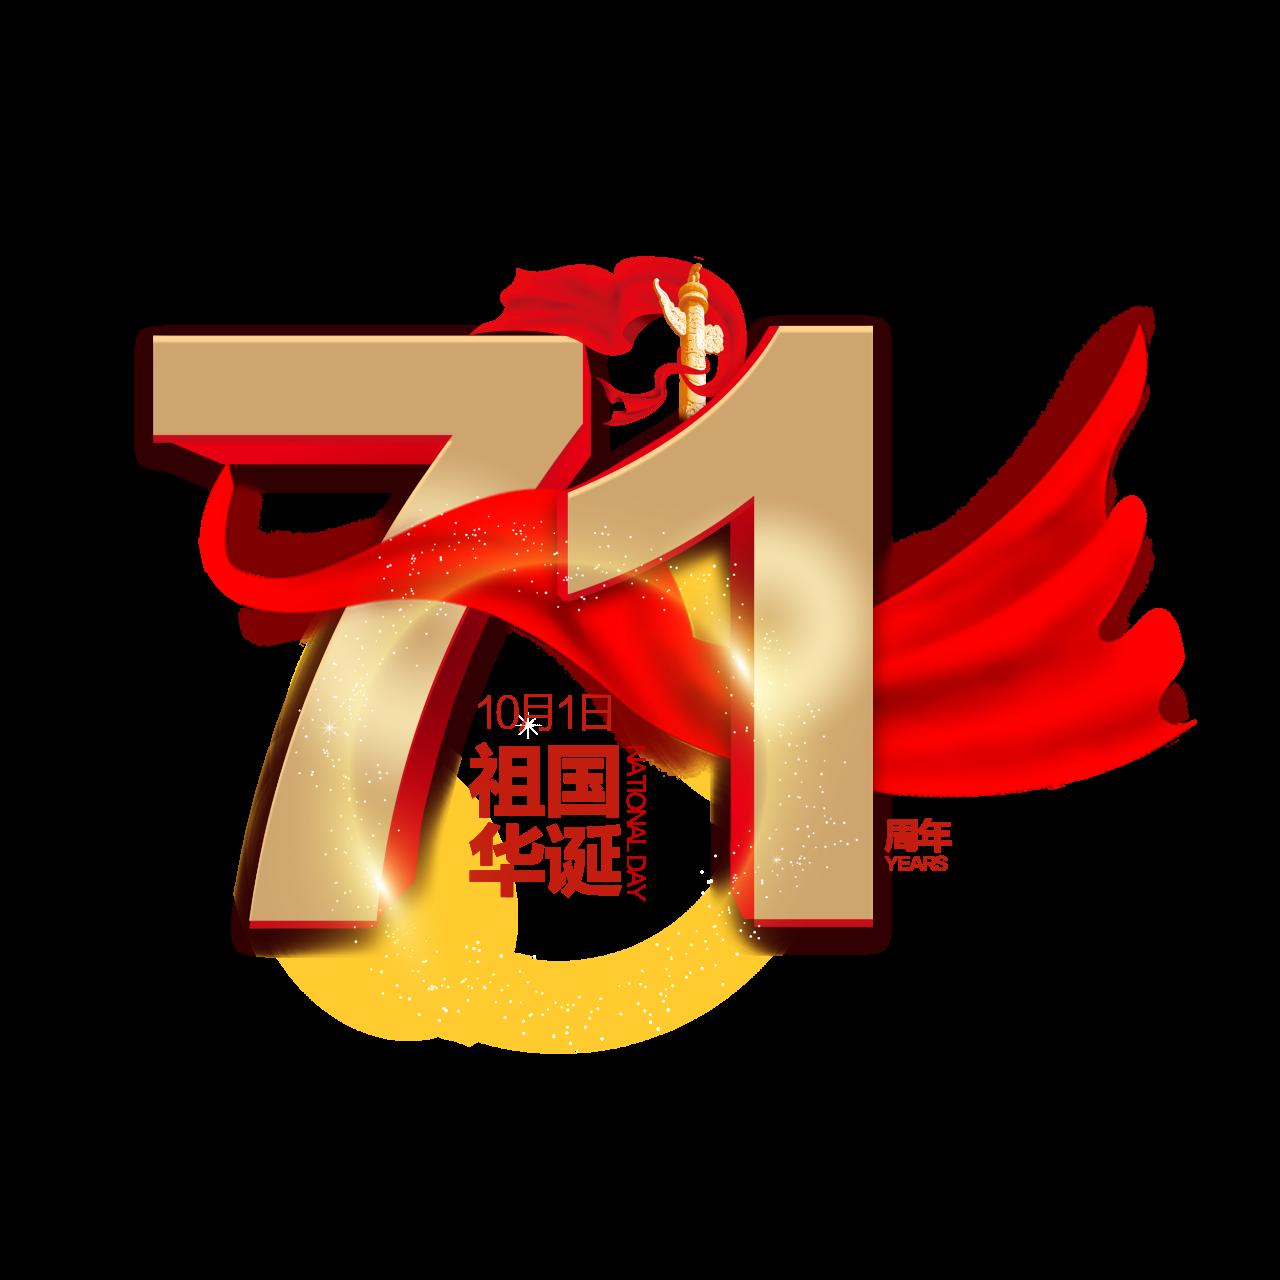 千库网_建国71周年_艺术字编号10566958.png